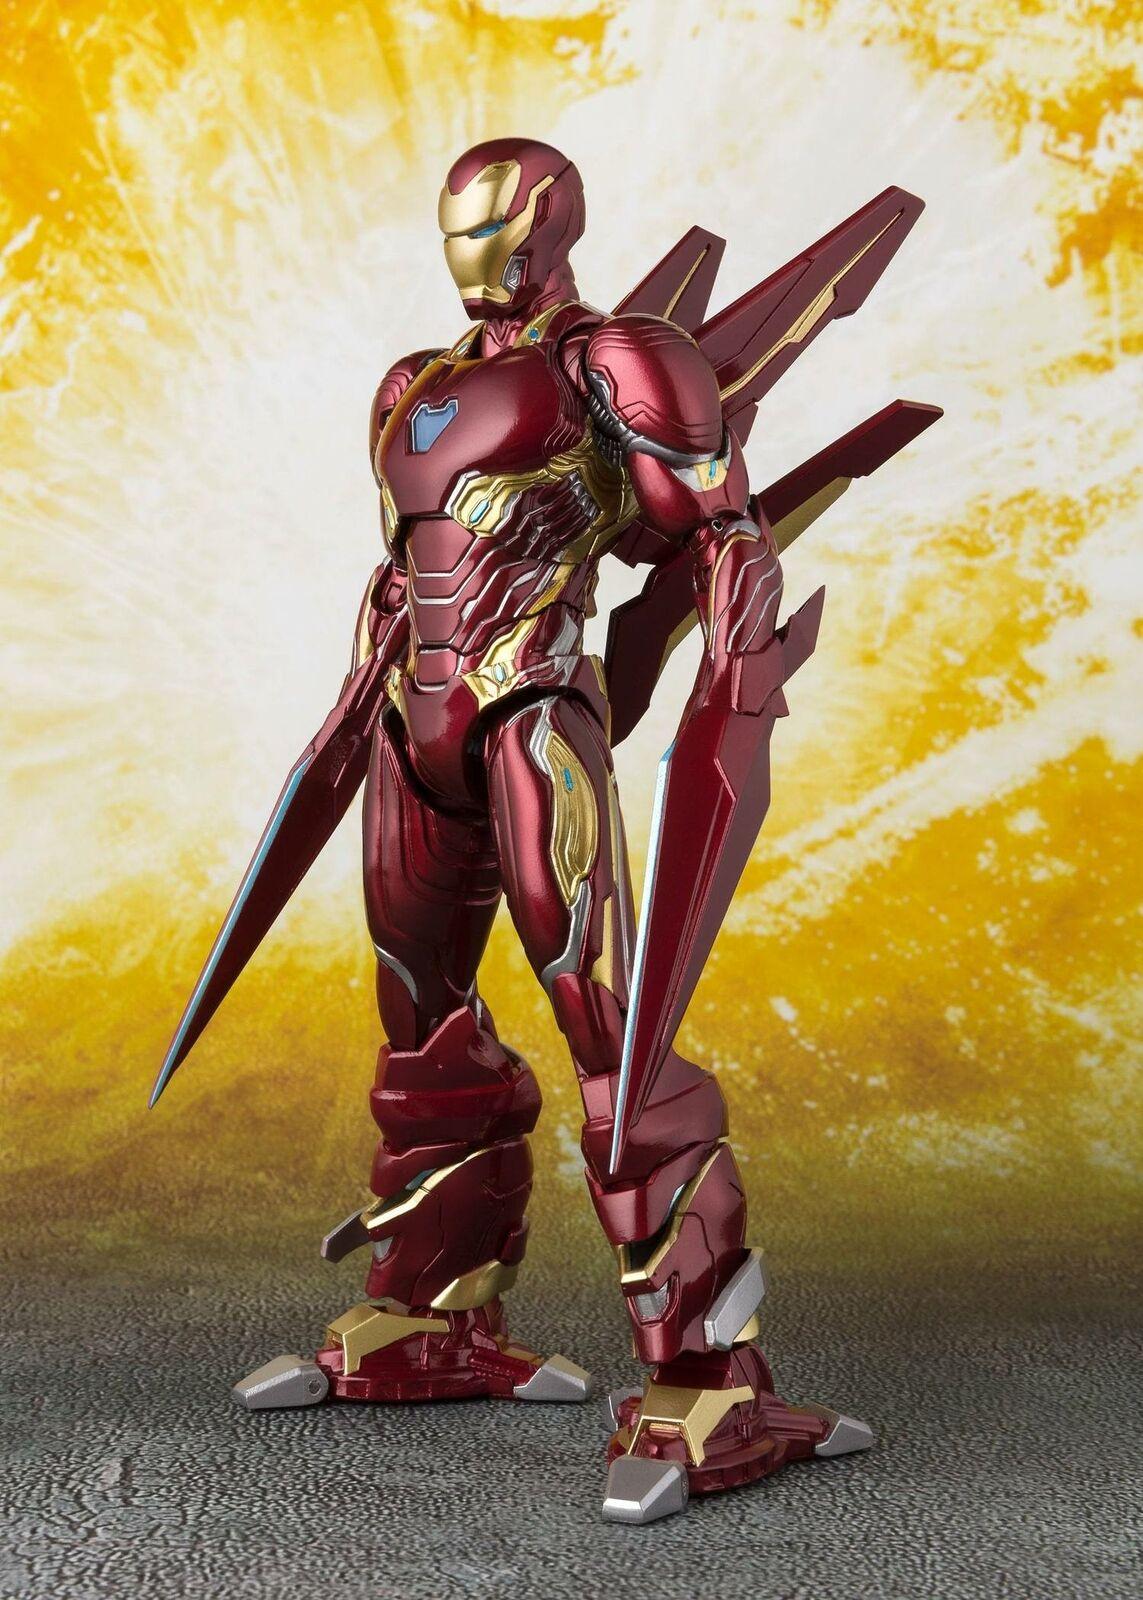 aquí tiene la última SH Figuarts infinito Los Los Los Vengadores guerra Iron Man Mark 50 Nano arma Set  Ahorre hasta un 70% de descuento.